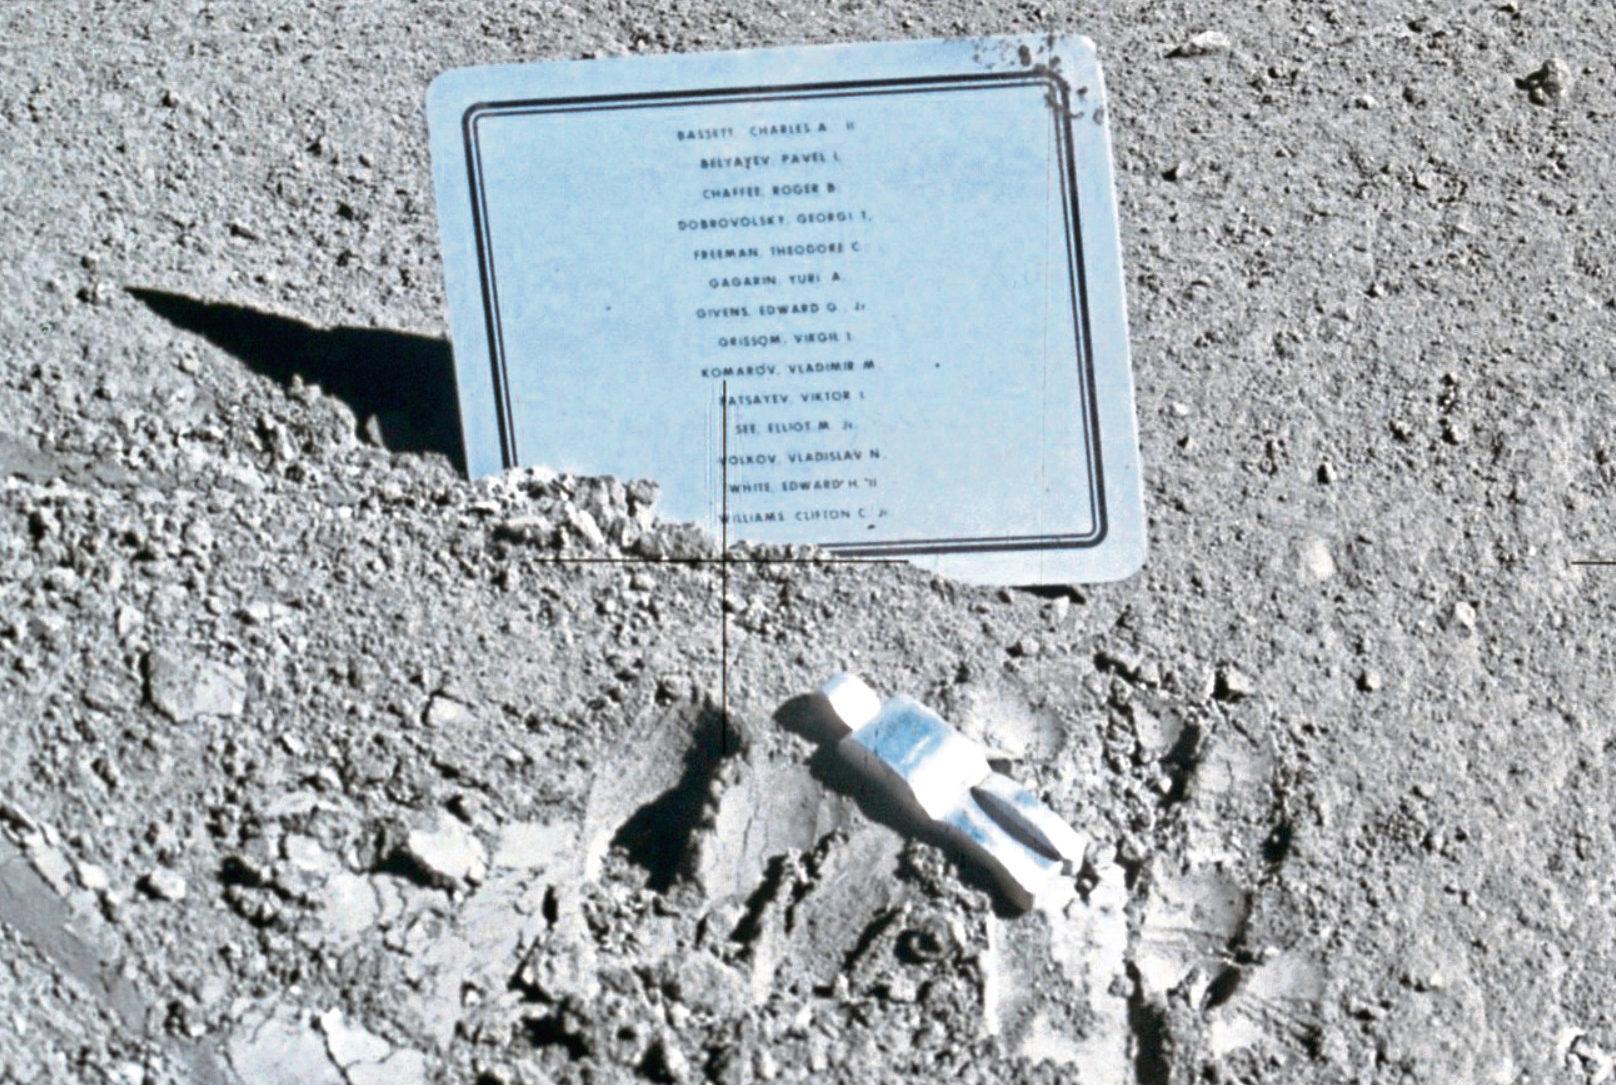 Fallen Astronaut by Van Hoeydonck